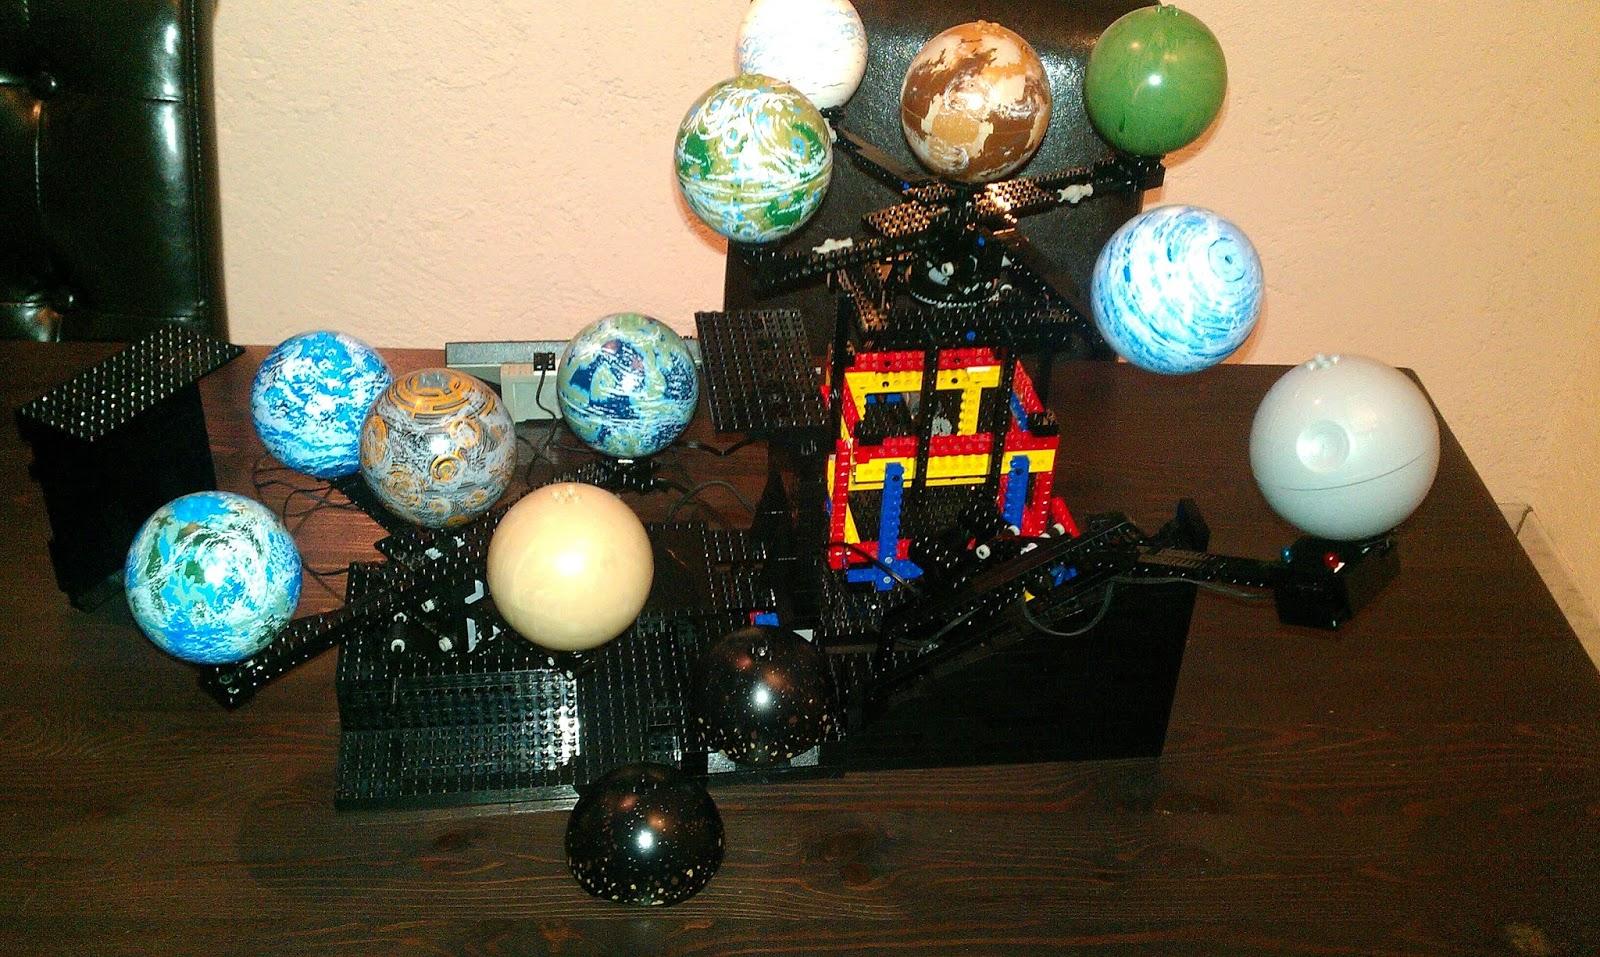 Oliver 39 s blog lego star wars planetensystem folge 7 - Star wars couchtisch ...